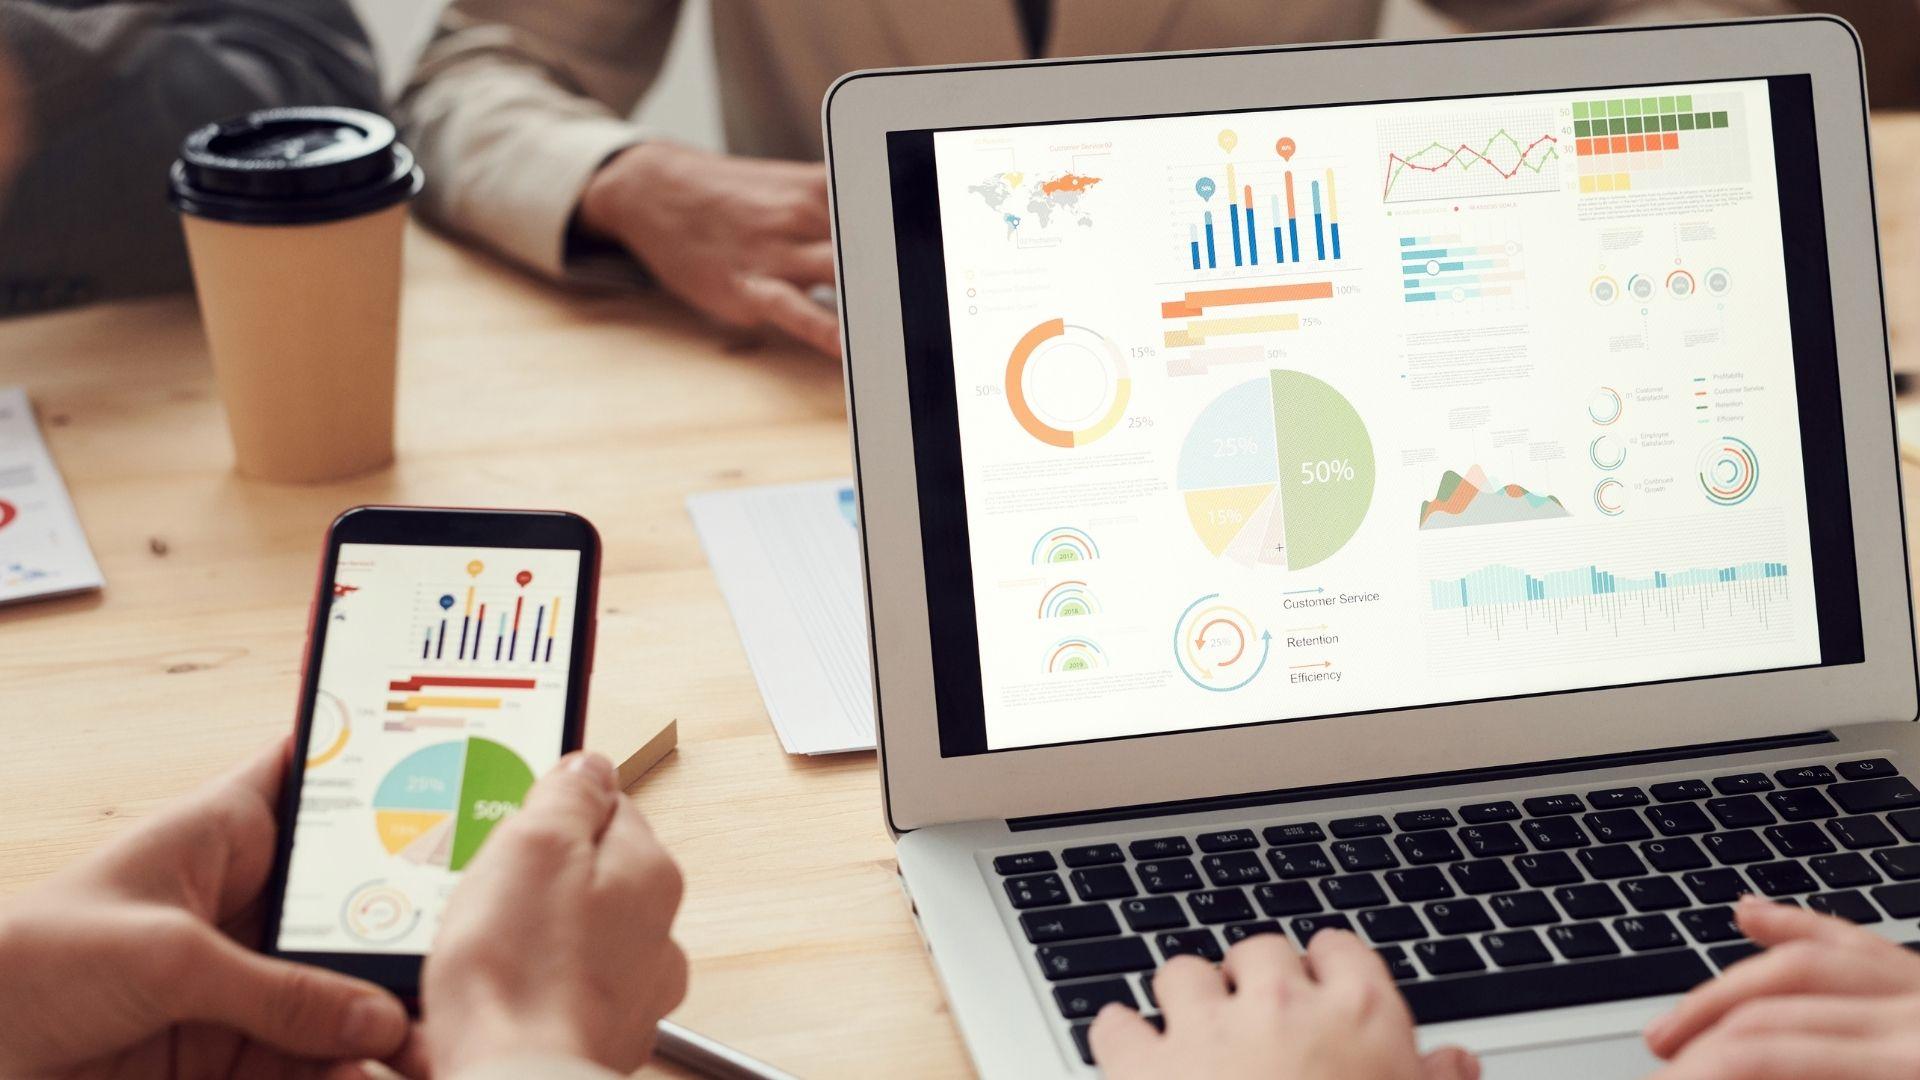 Influencer campaign metrics